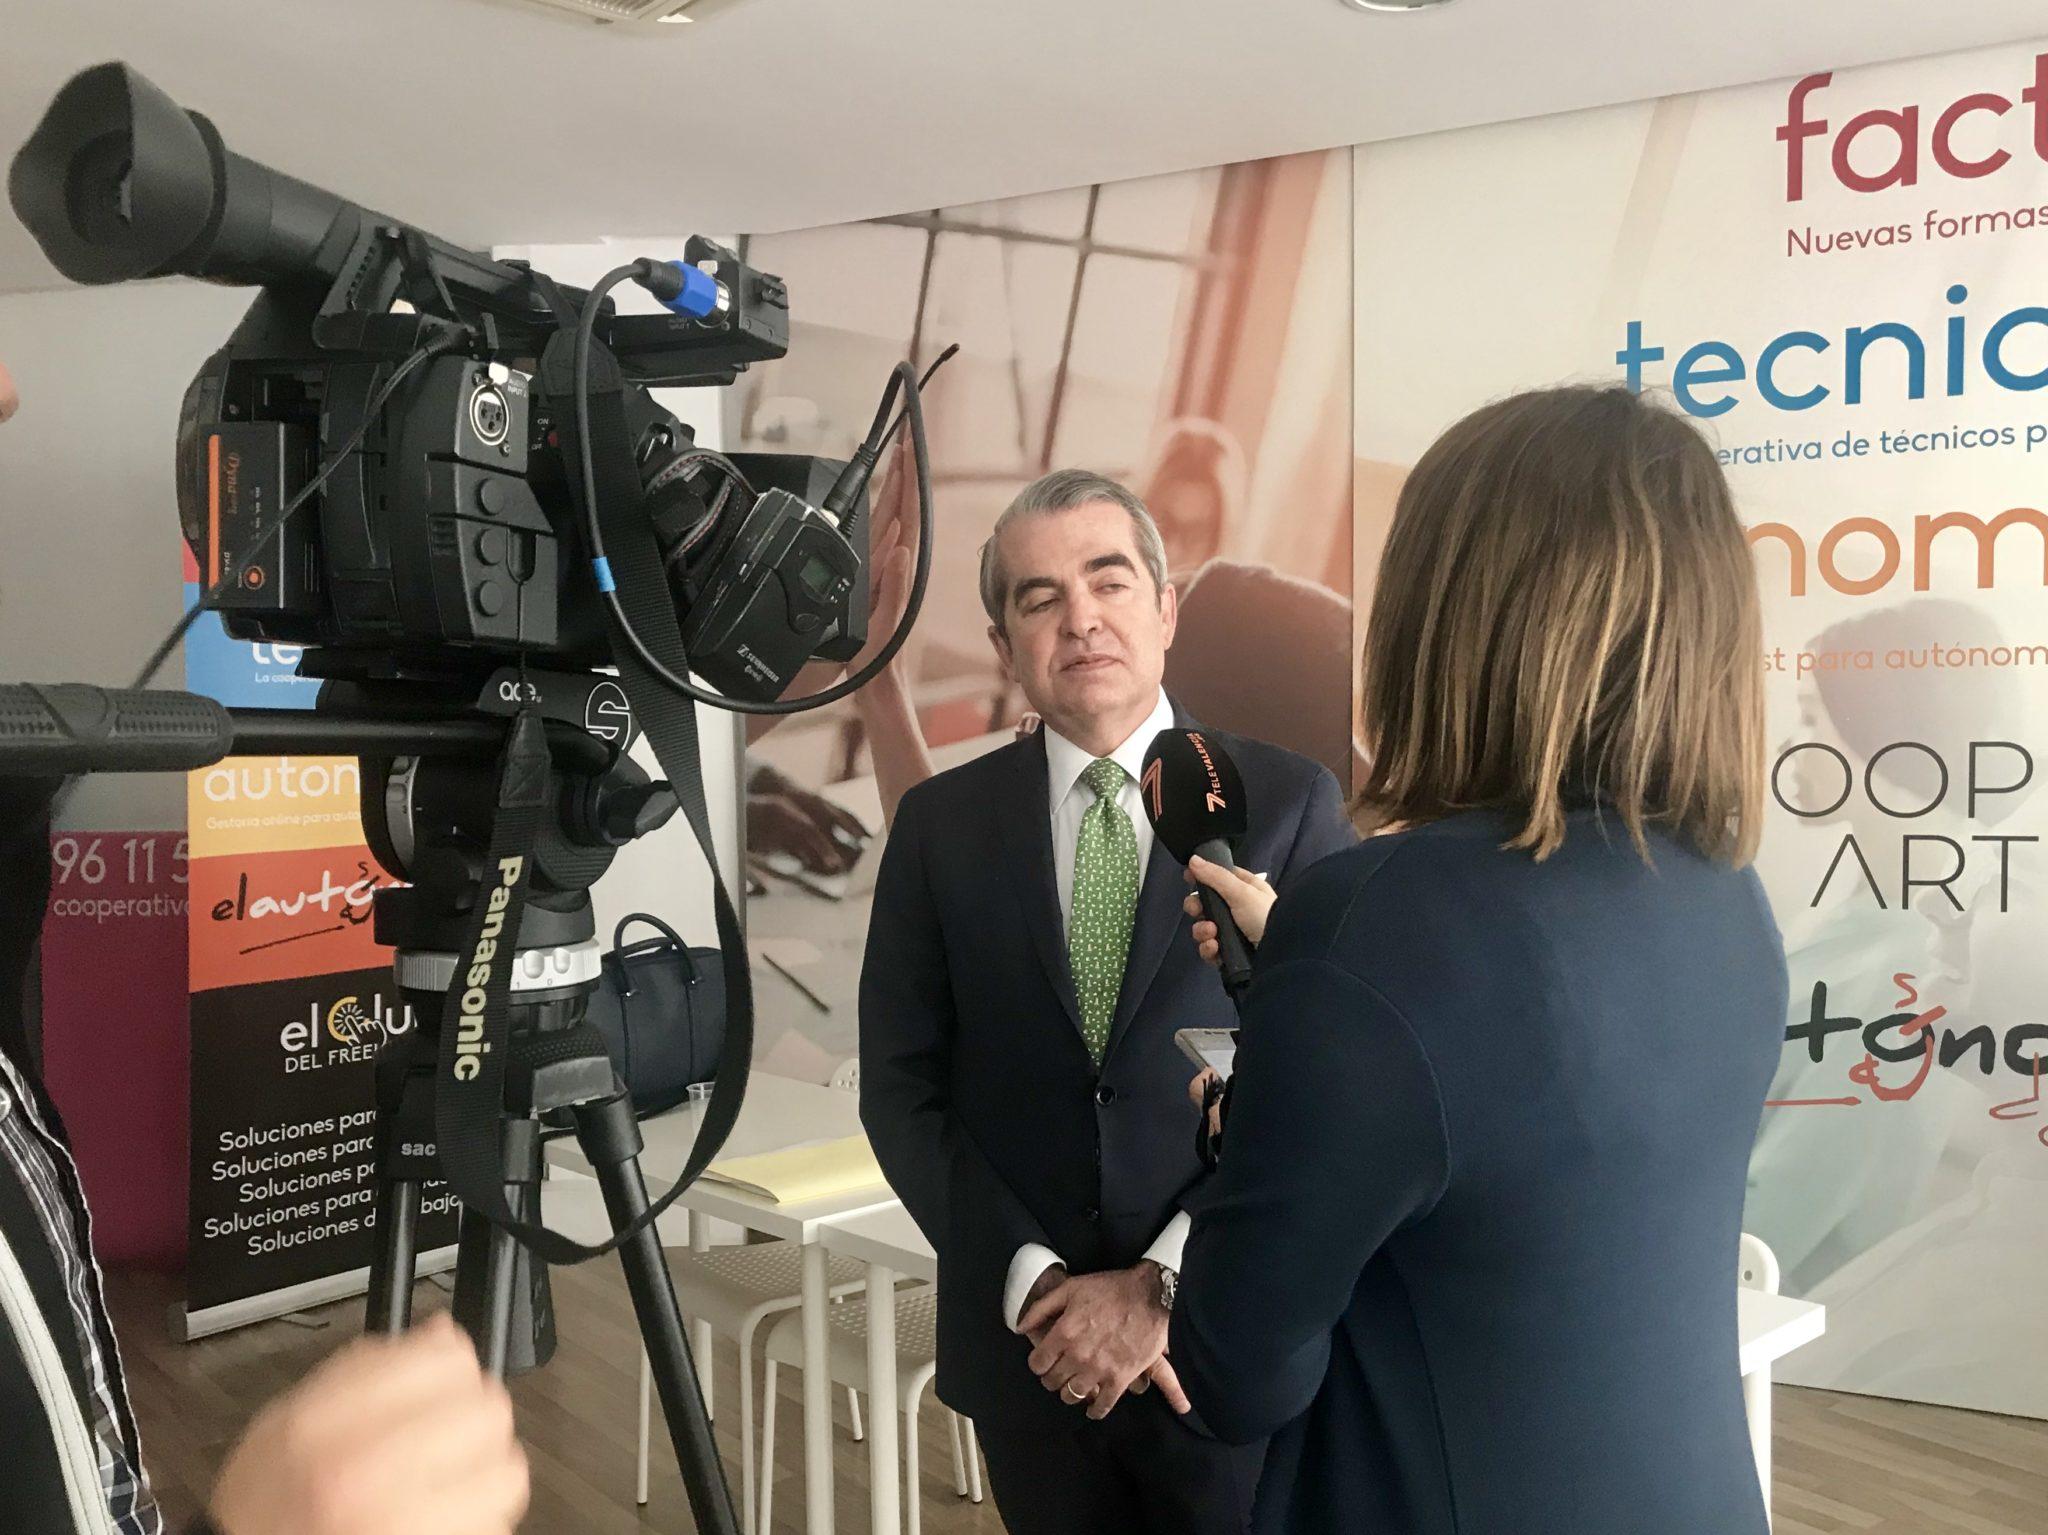 Entrevista a Juan Ignacio Navas